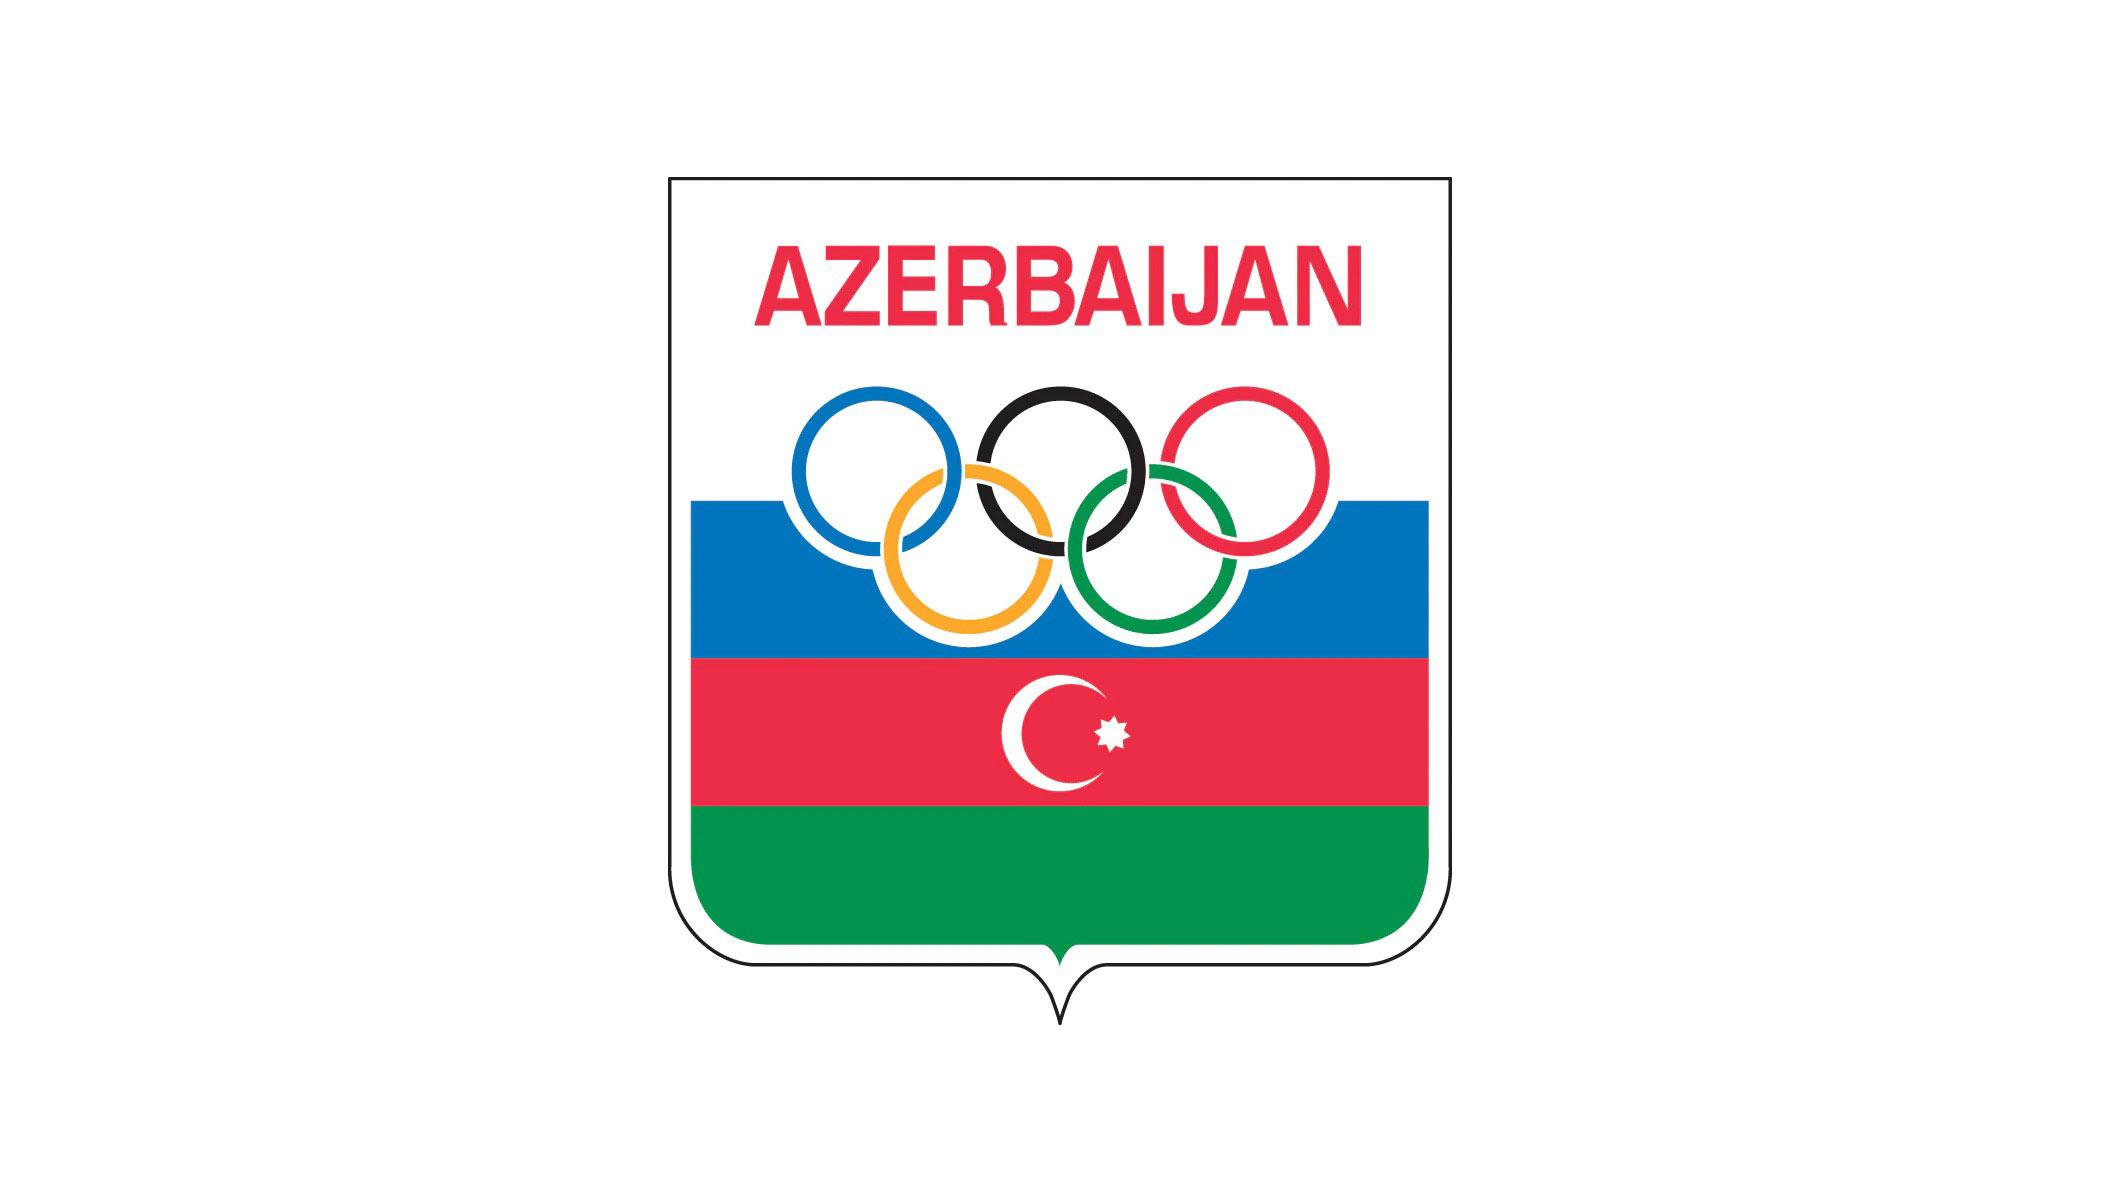 Azərbaycan nümayəndə heyəti Avropa Olimpiya Komitəsinin Baş Assambleyasında iştirak edəcək